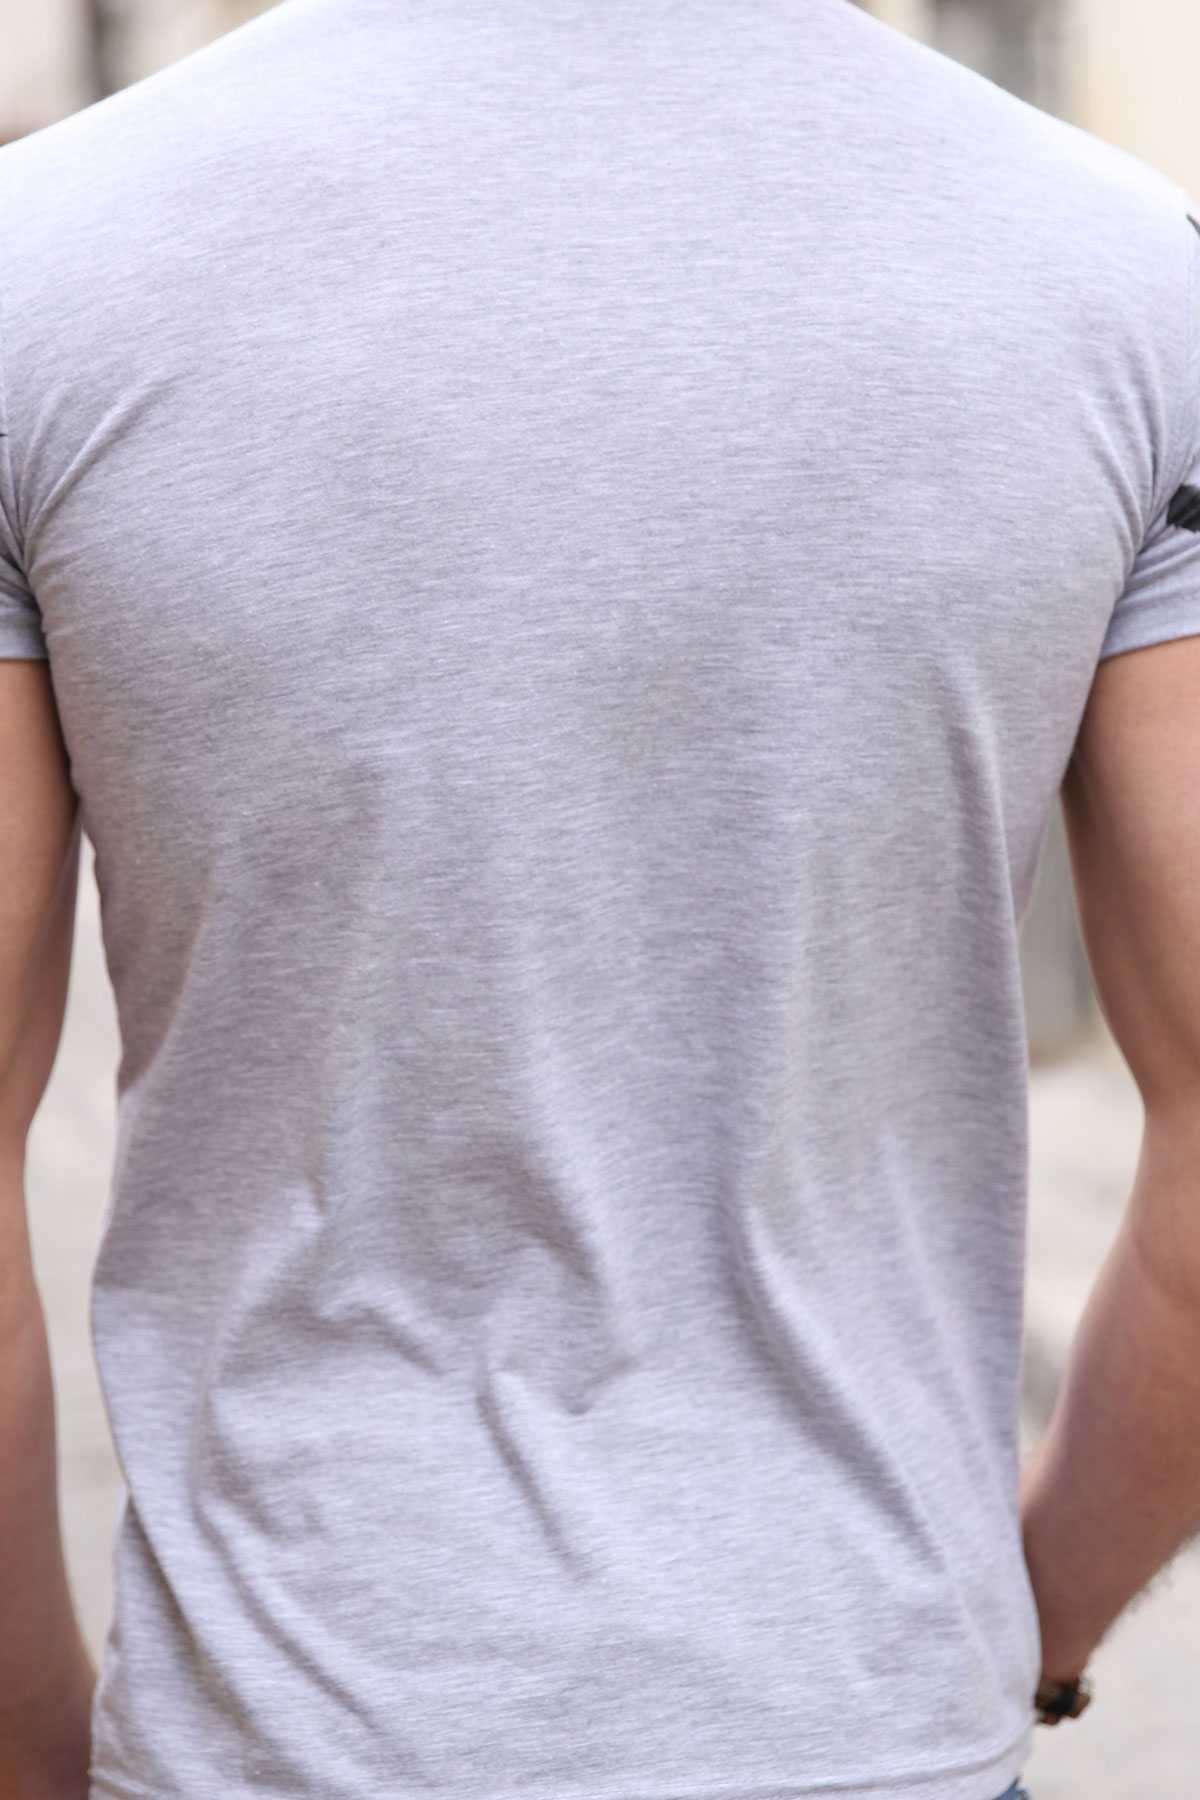 Önü Nakış İşleme Tüy Desenli Kolları Tüy Baskılı Tişört Gri